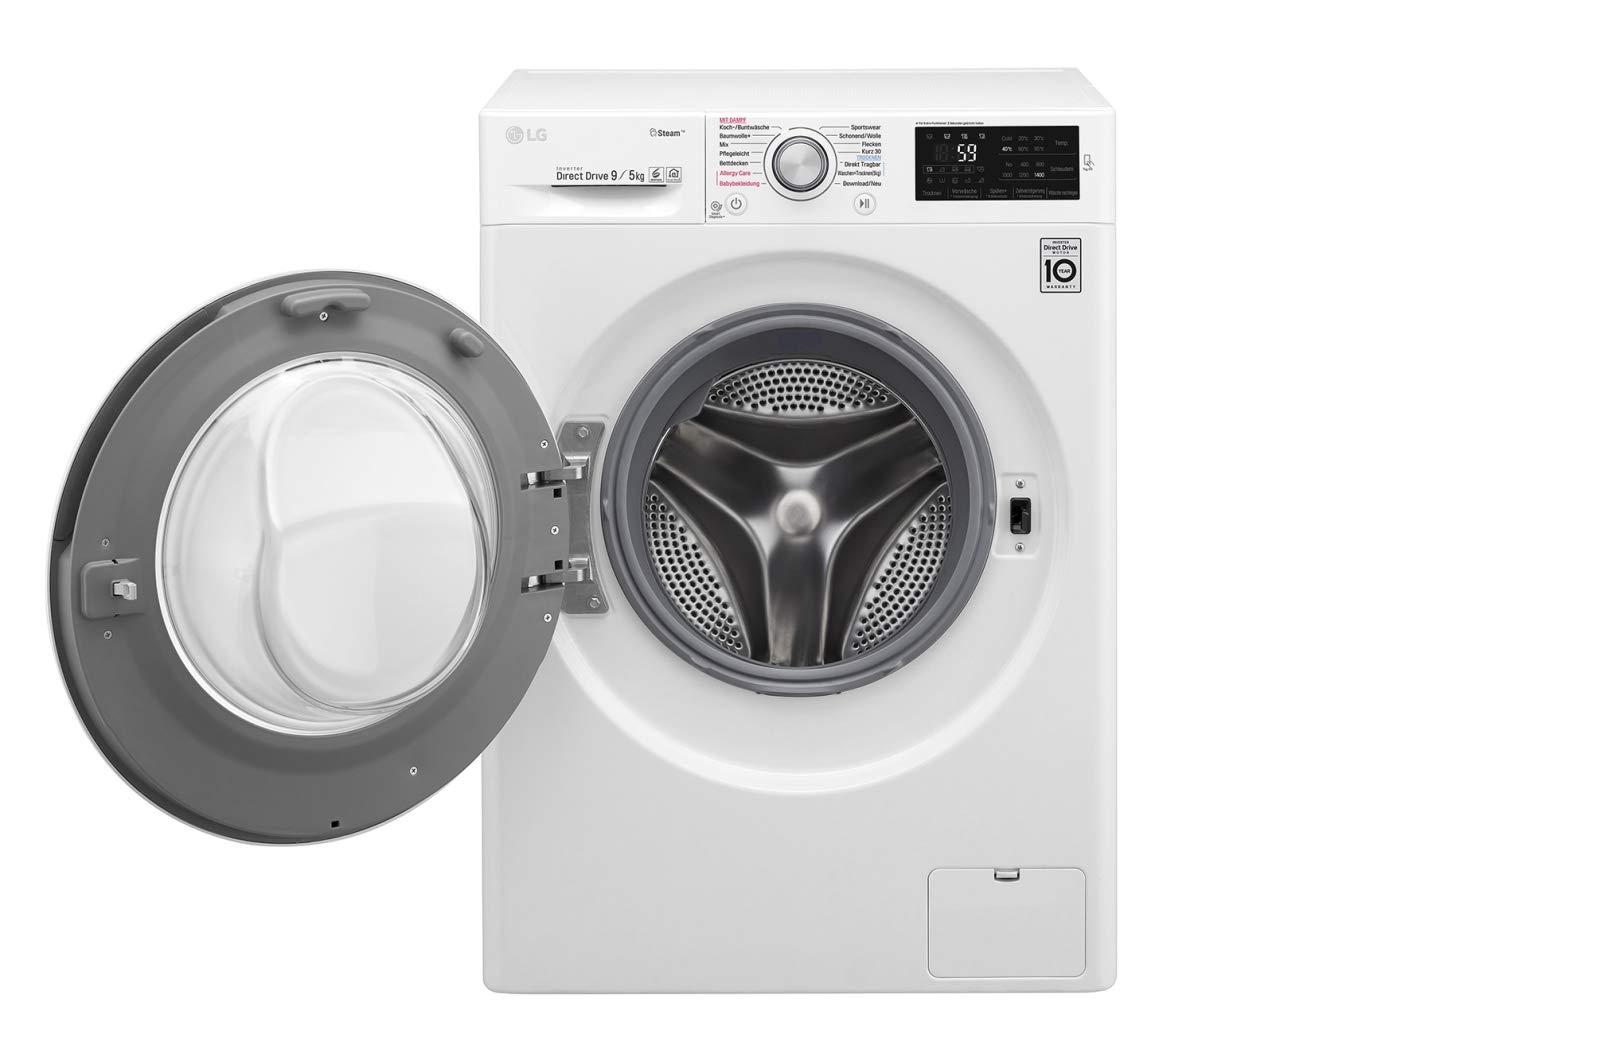 LG-f14wd95ts1-autonome-Belastung-Bevor-A-schwarz-wei-Waschmaschine-mit-Wschetrockner–Waschmaschinen-mit-Wsche-Belastung-vor-autonome-schwarz-wei-LED-5-kg-9-kg